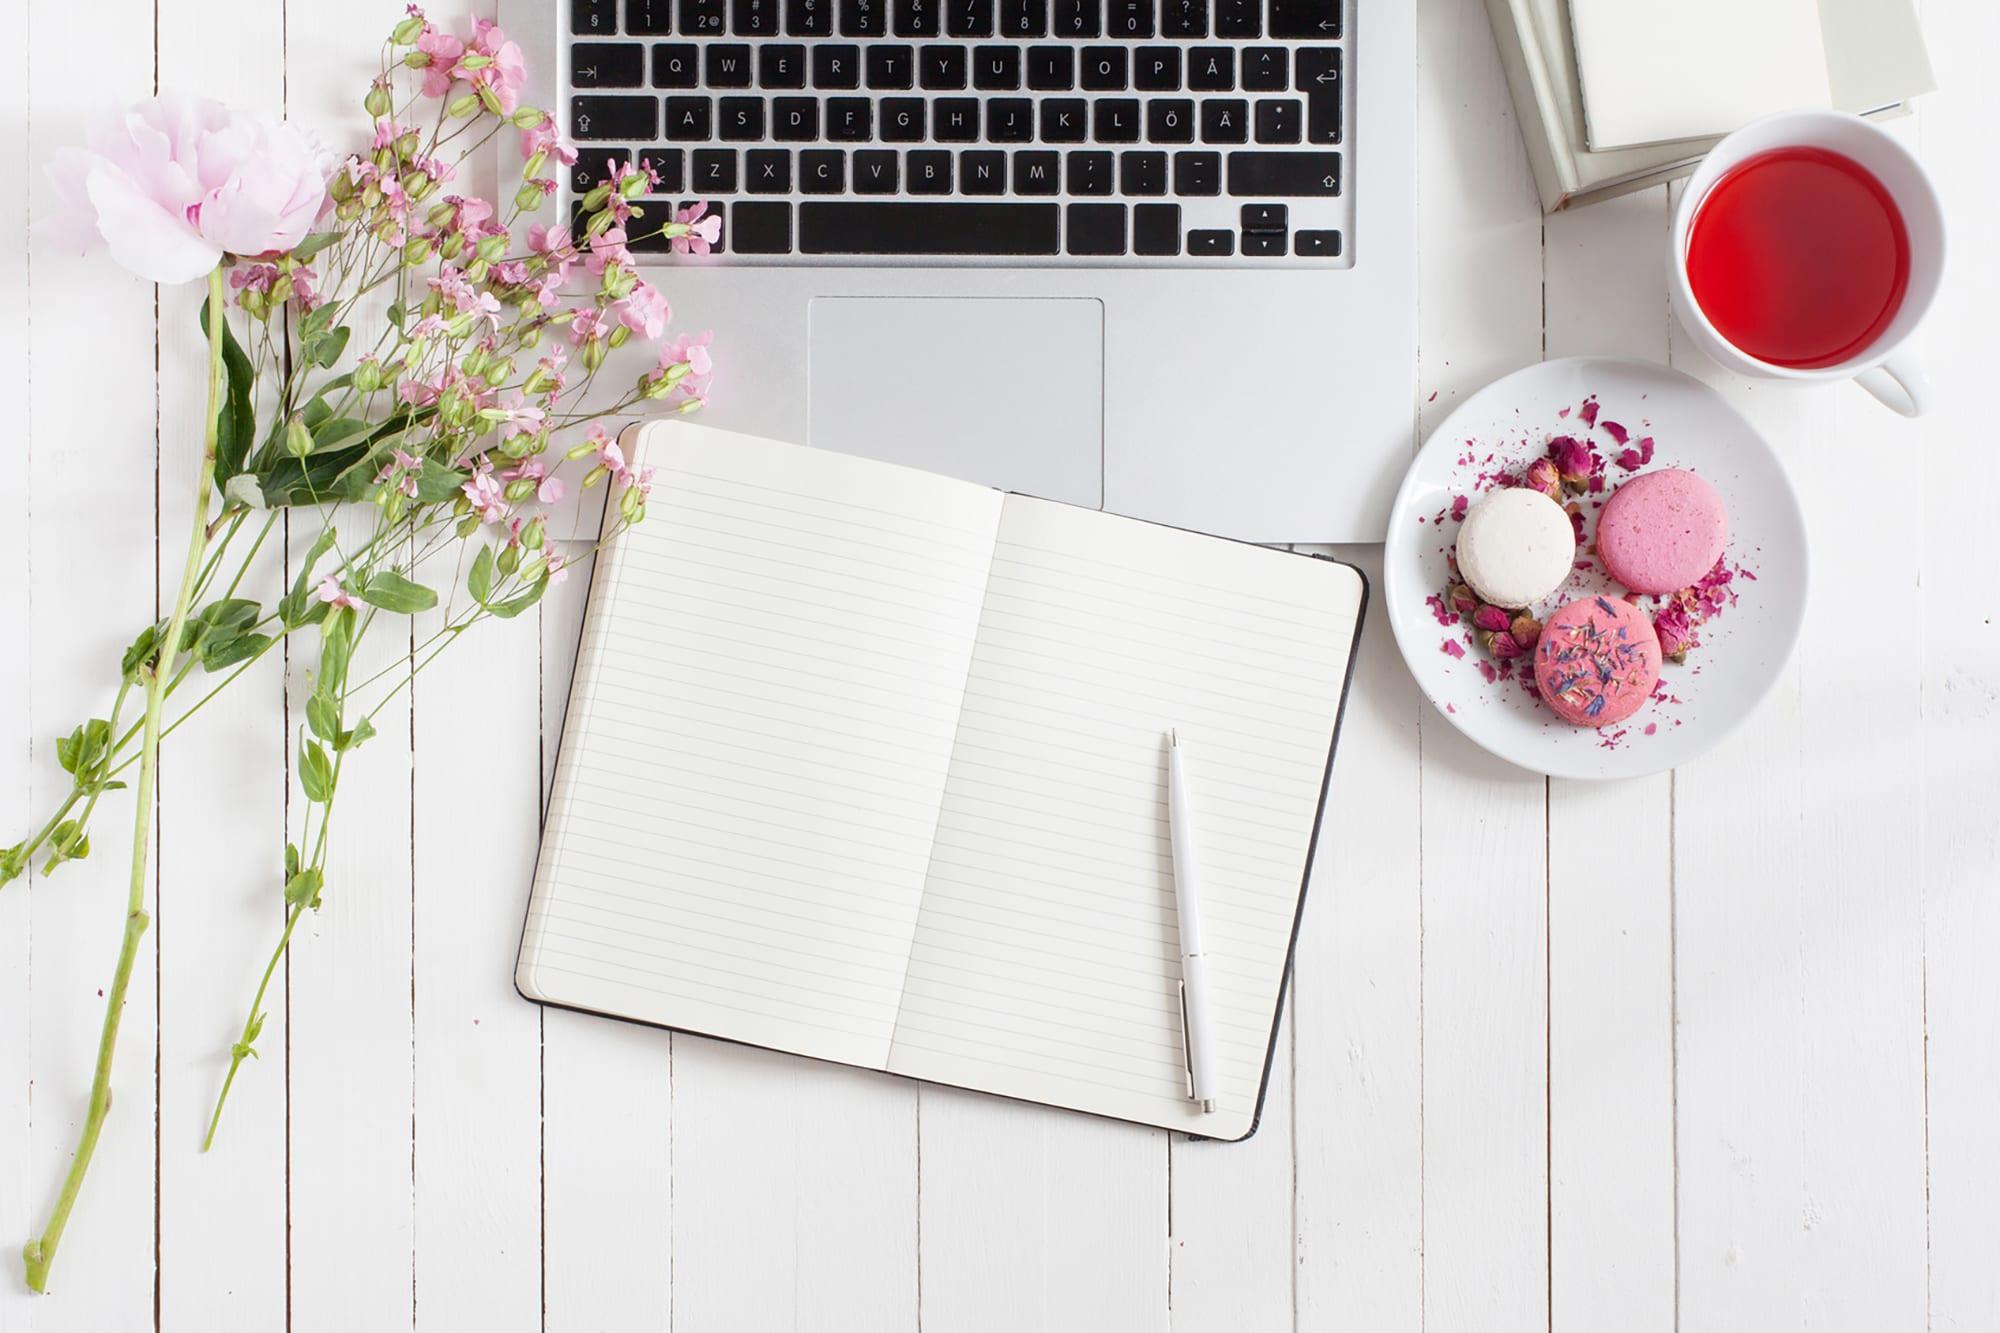 Dobra strona internetowa, strona www, własna strona internetowa od czego zacząć, jak zaplanować stronę internetową - blog dla przedsiębiorczych kobiet, Wordpress, Kobieca Strona Biznesu, Karolina Kołodziejczyk